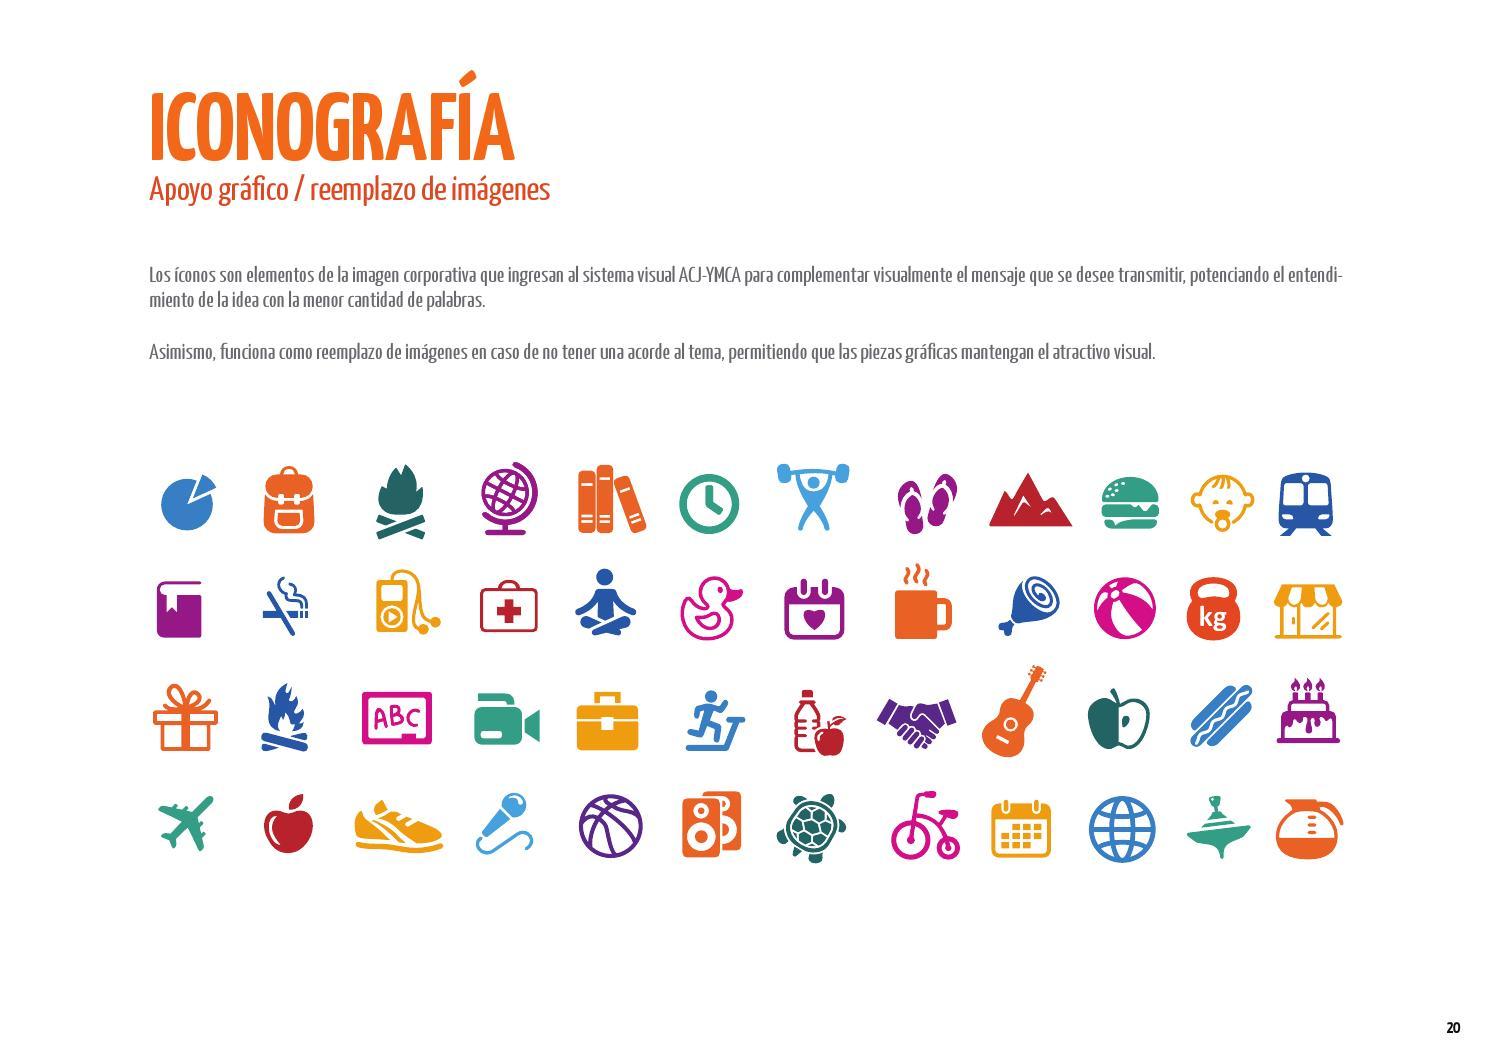 iconos de un manual de identidad corporativa